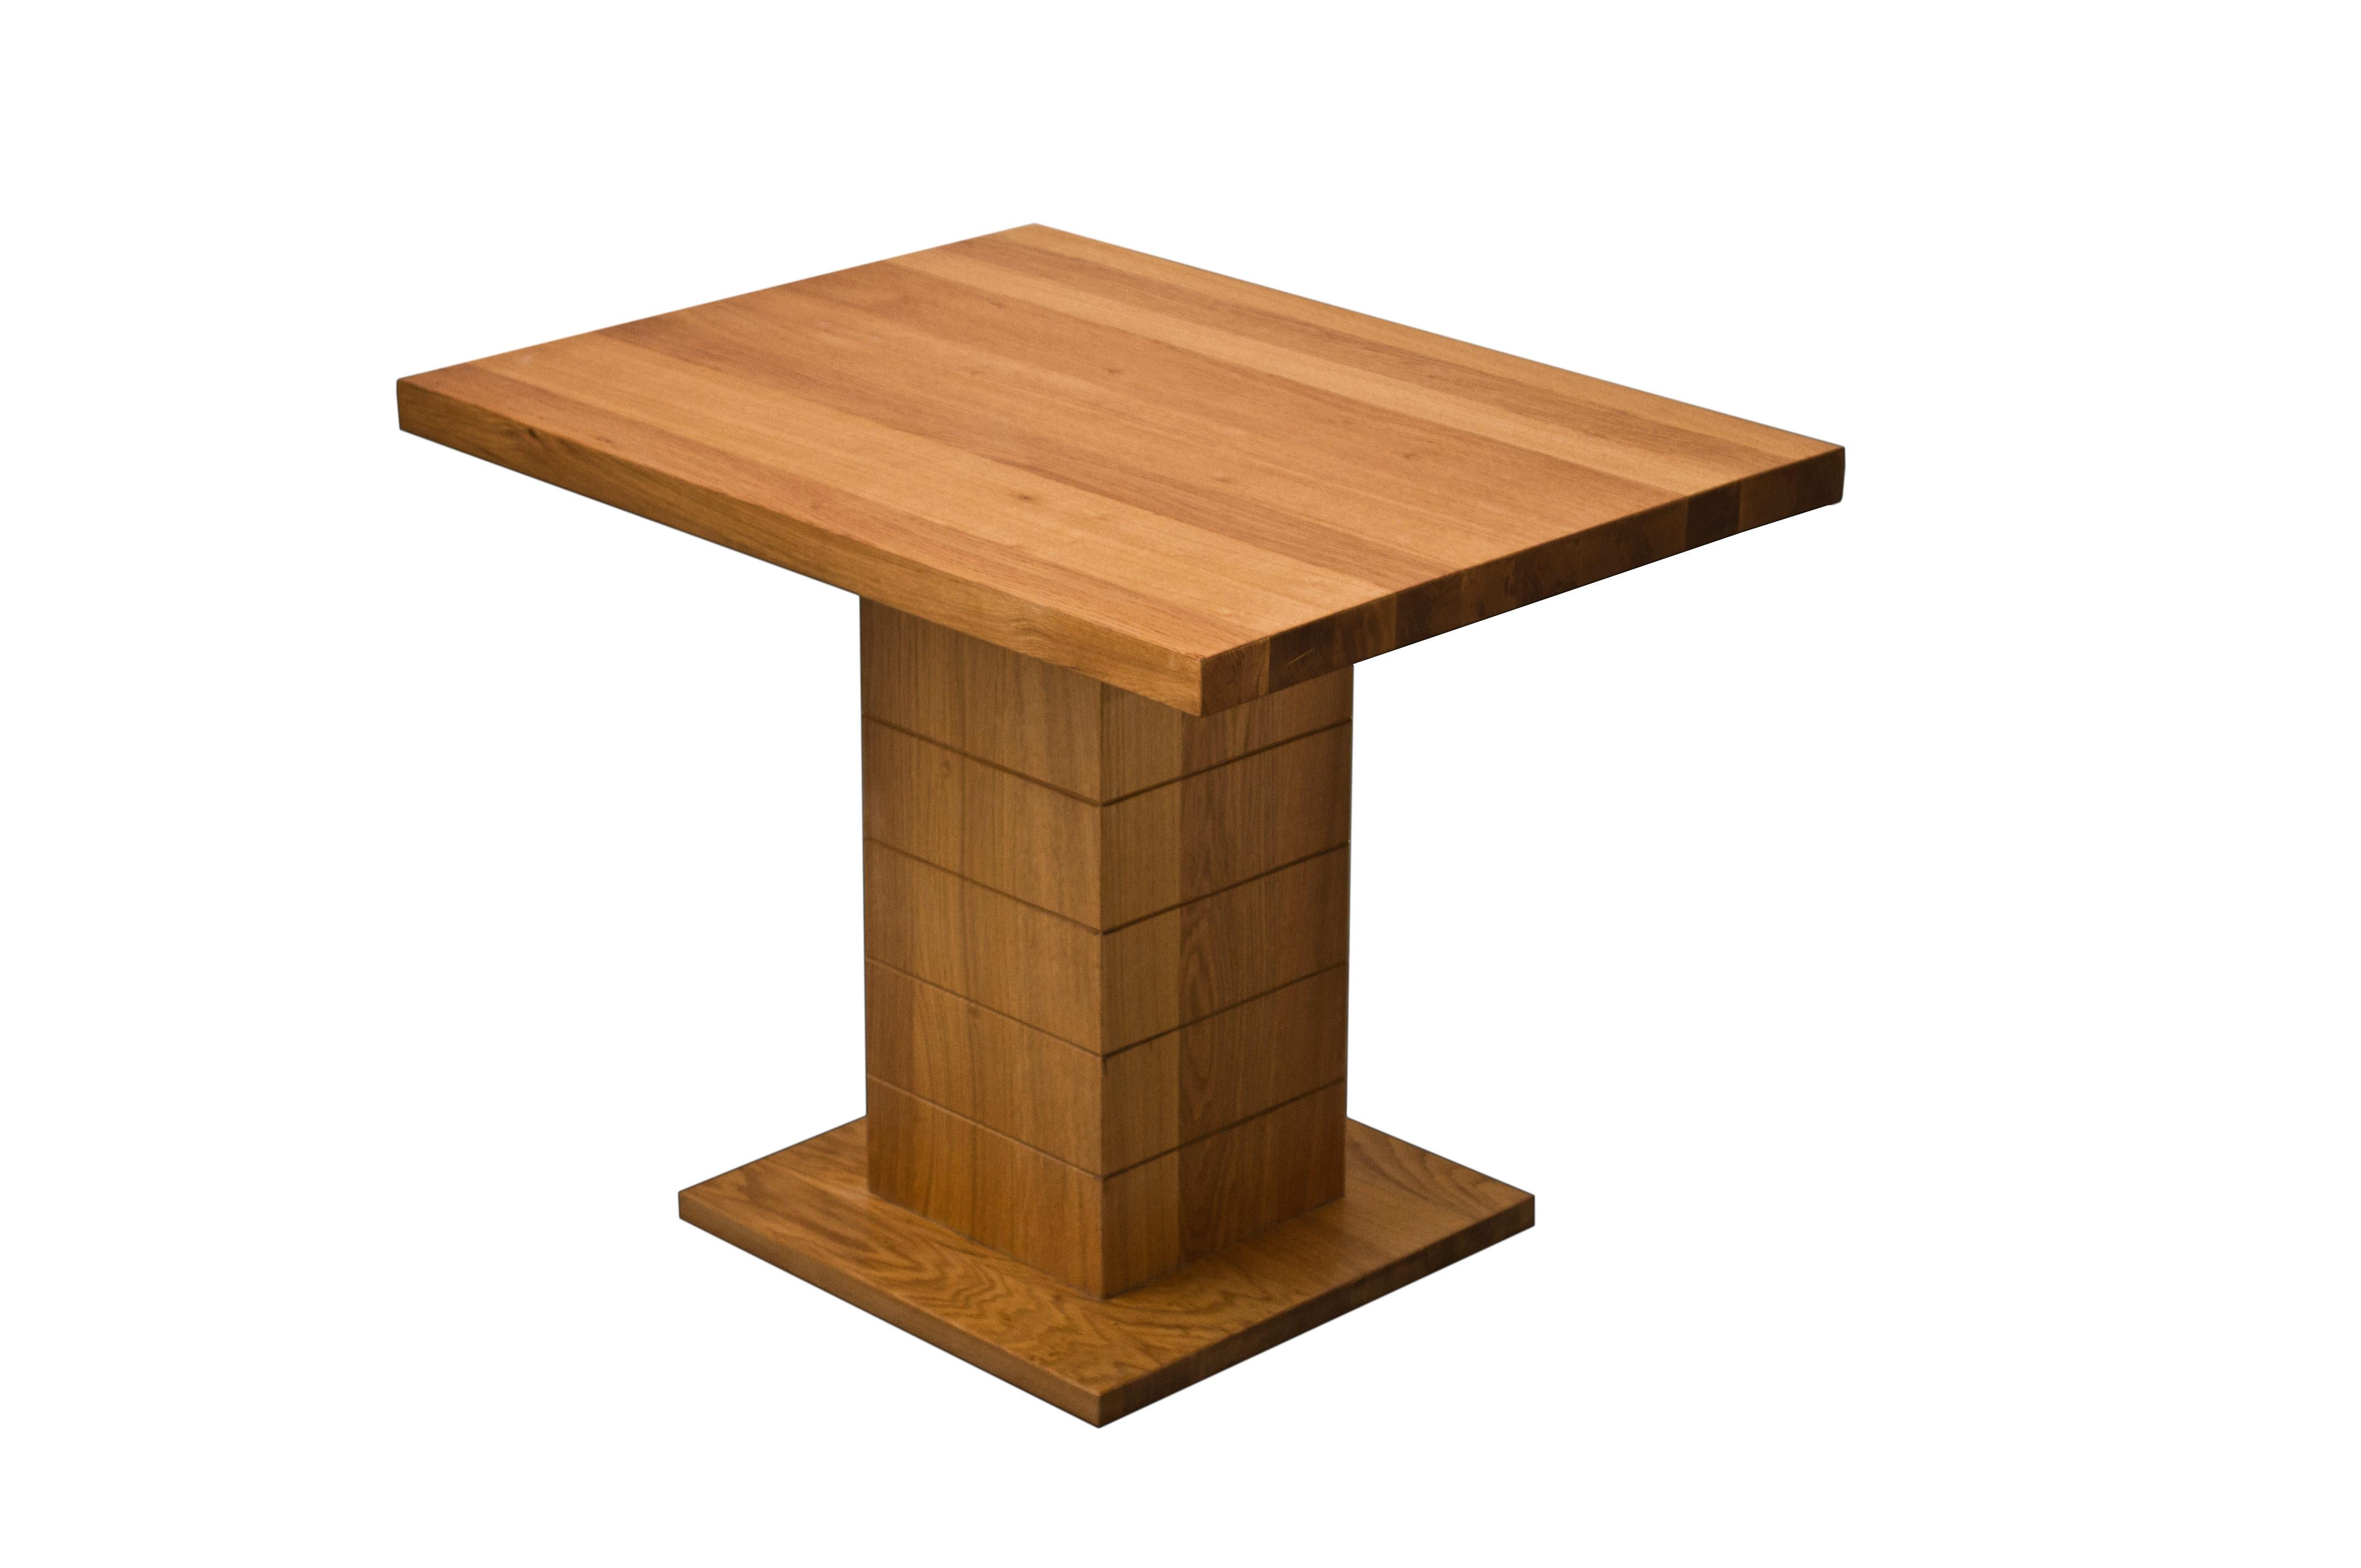 Masuta lemn stejar masiv